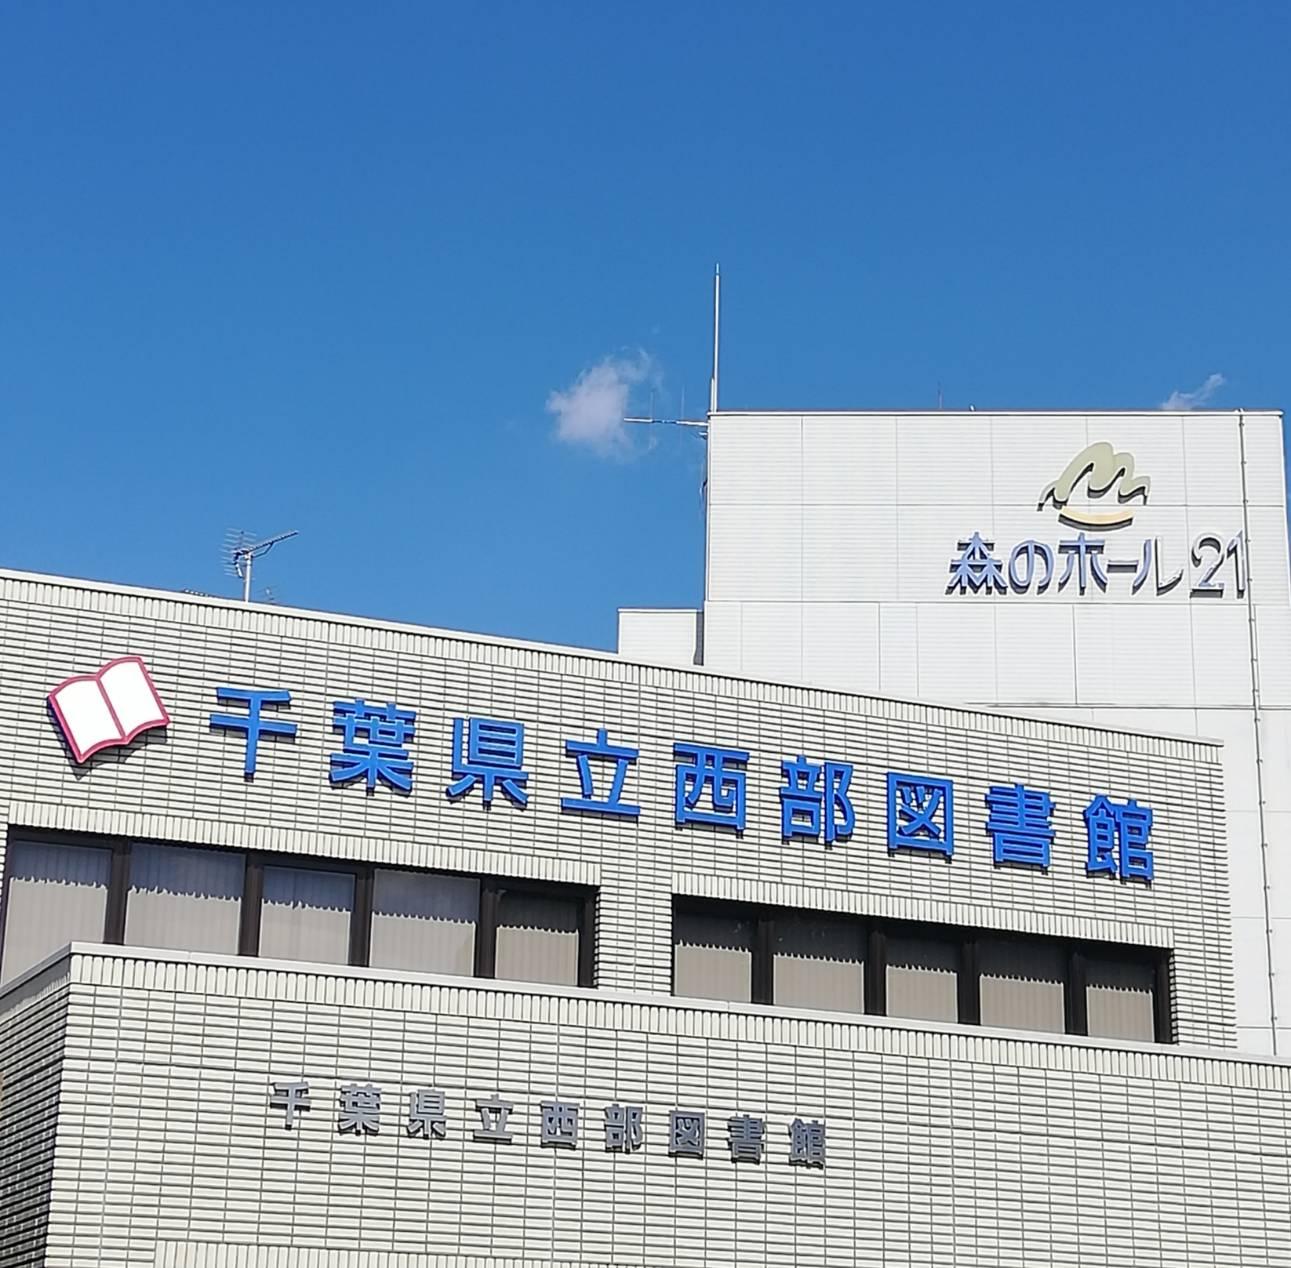 千葉県立西武図書館臨時休館